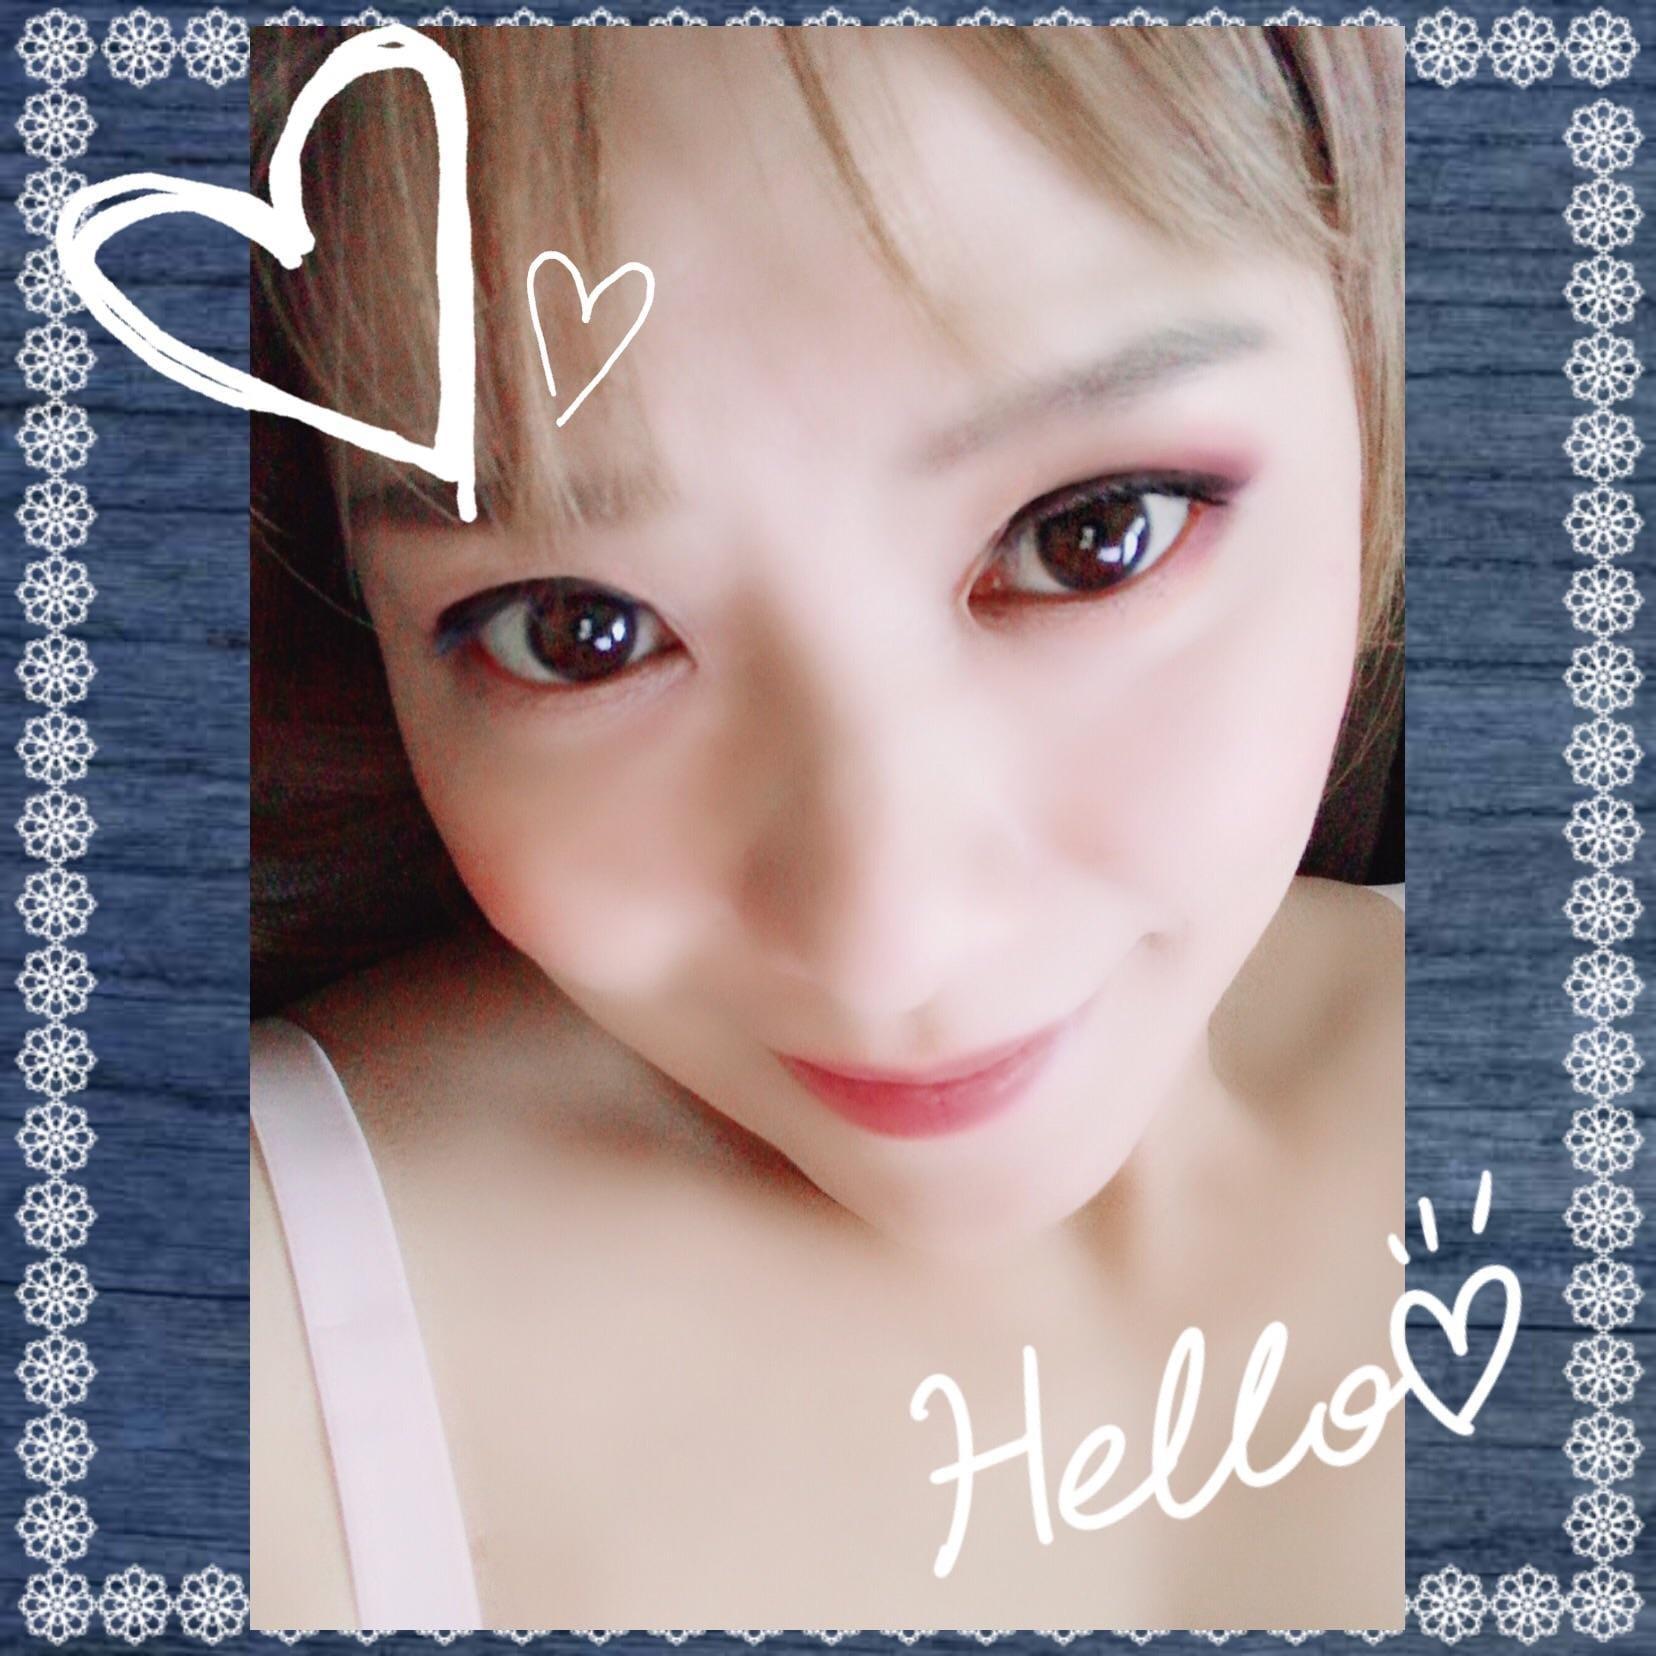 レン「おやすみ( ˇωˇ )」06/20(水) 02:11   レンの写メ・風俗動画